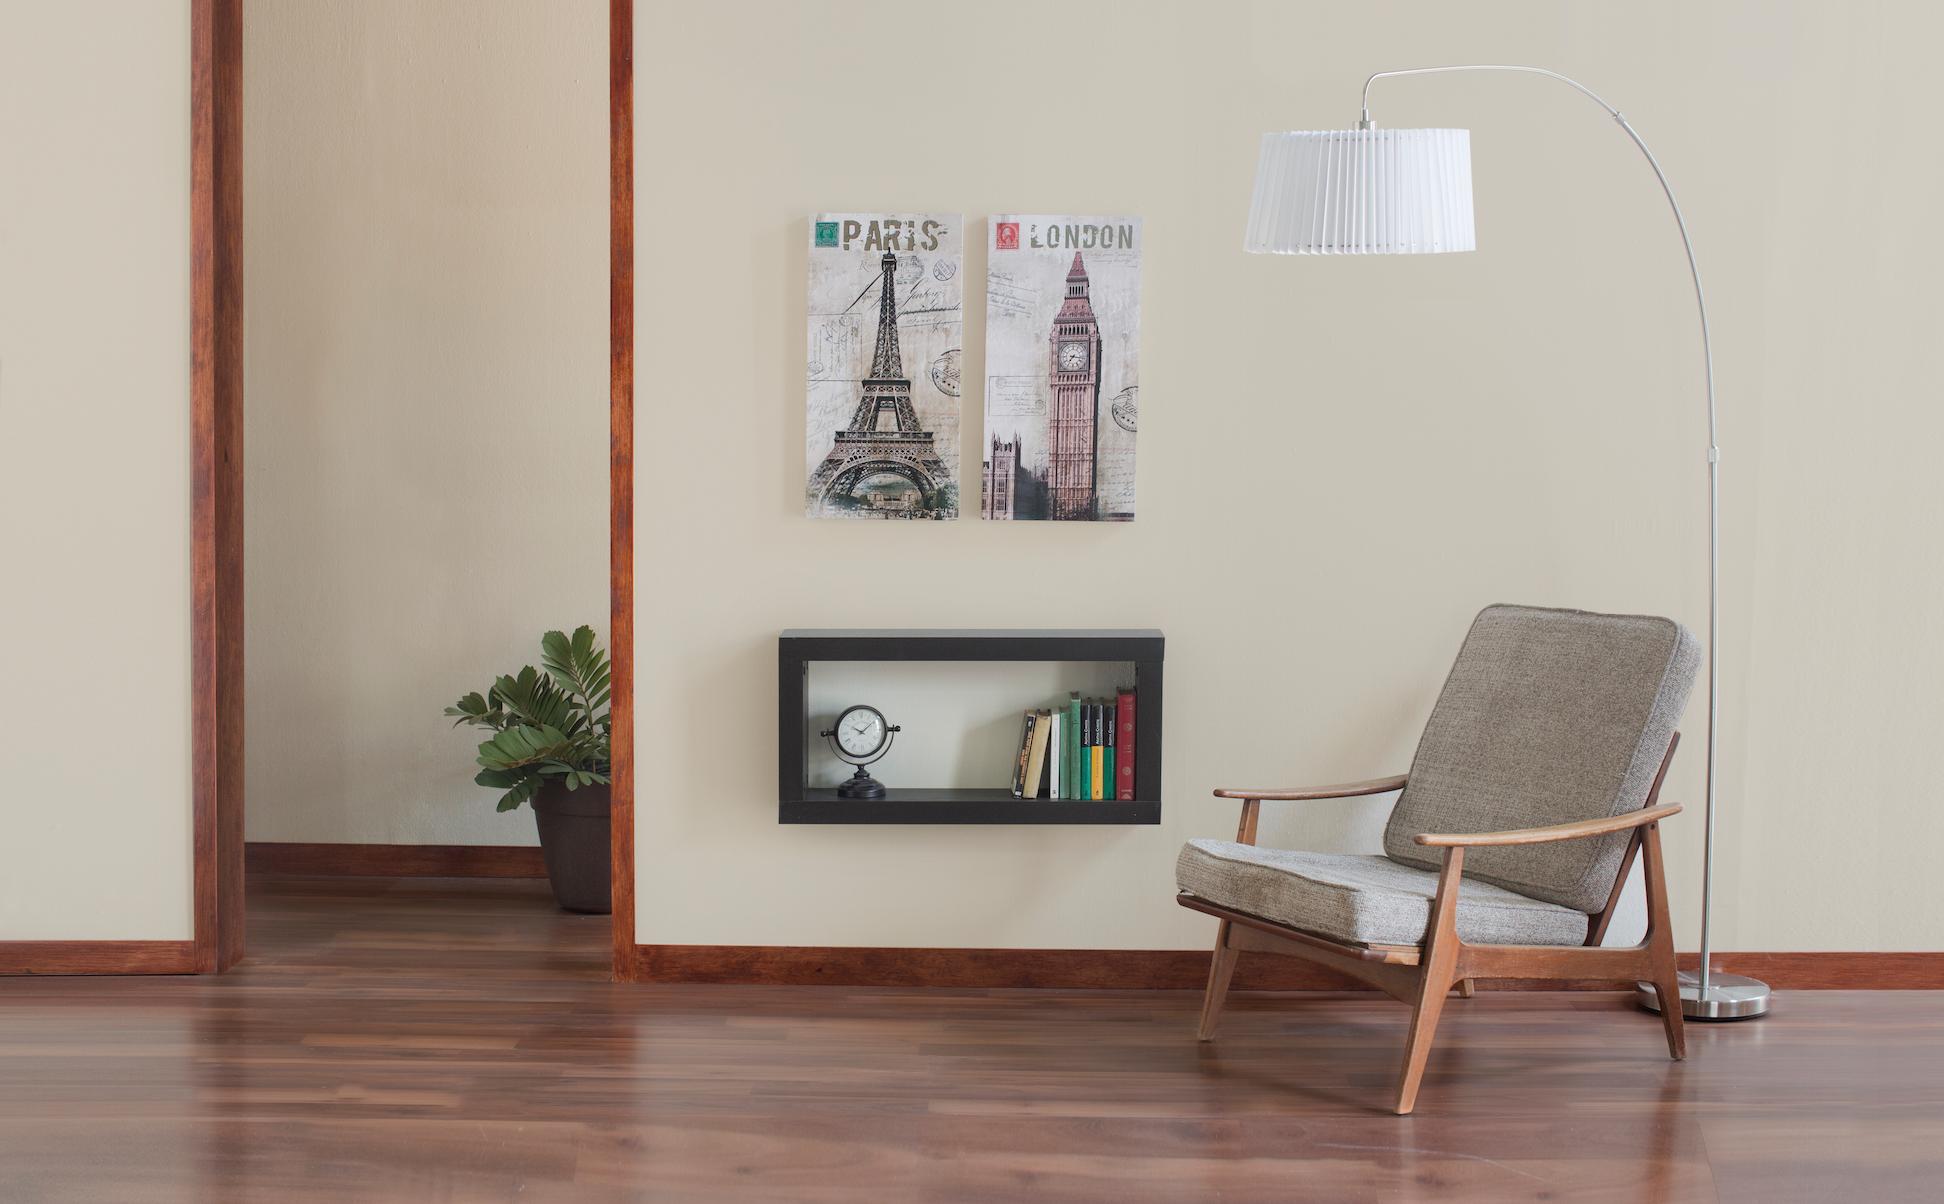 Cuadros ideales para colocar en diversos espacios de tu hogar